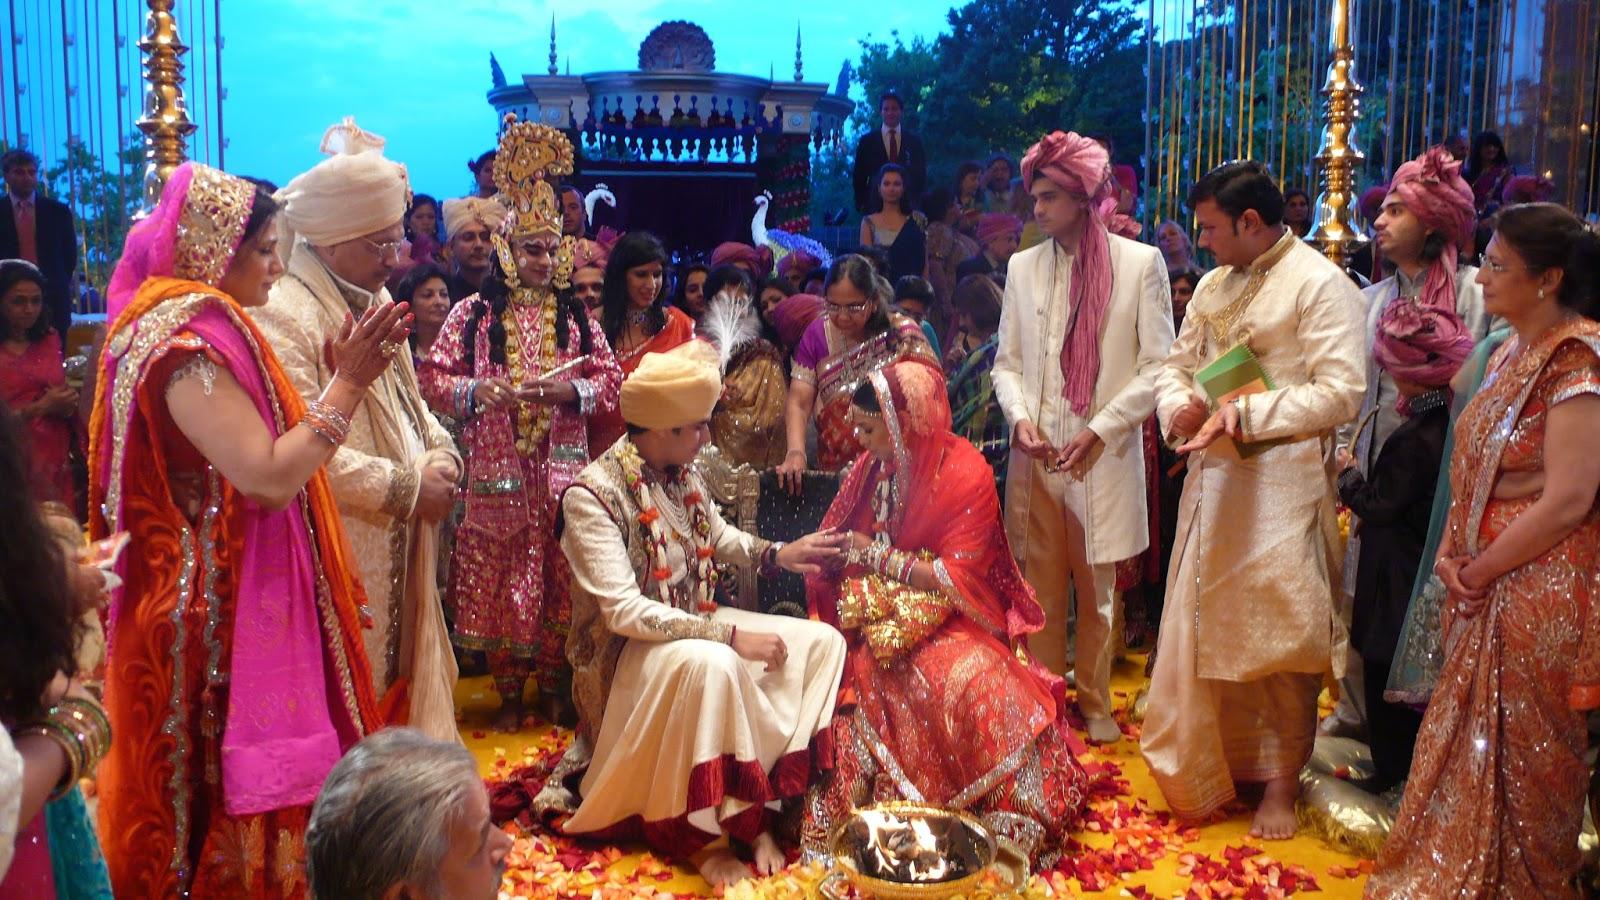 el rito hindu single men El sujeto es capaz de mezclar humor negro y el rito (the rite) (5/10) el romance del (no country for old men) (9/10) soy el número 4 (i am number 4.